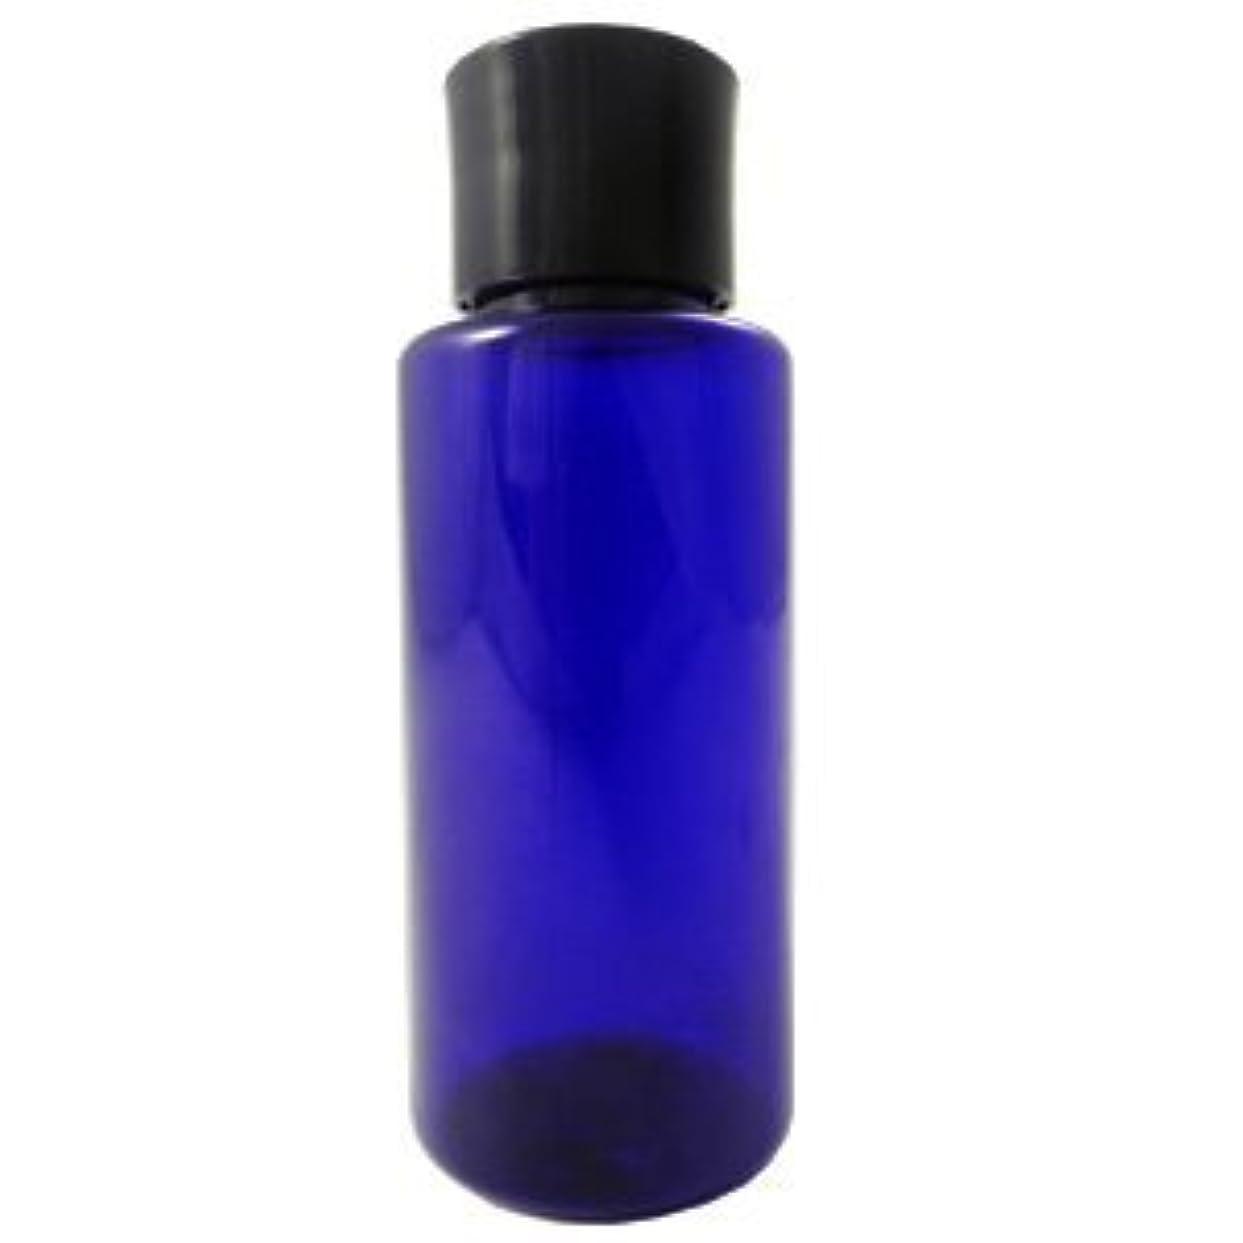 粒子覆す共和党PETボトル コバルトブルー (青) 50ml *化粧水用中栓